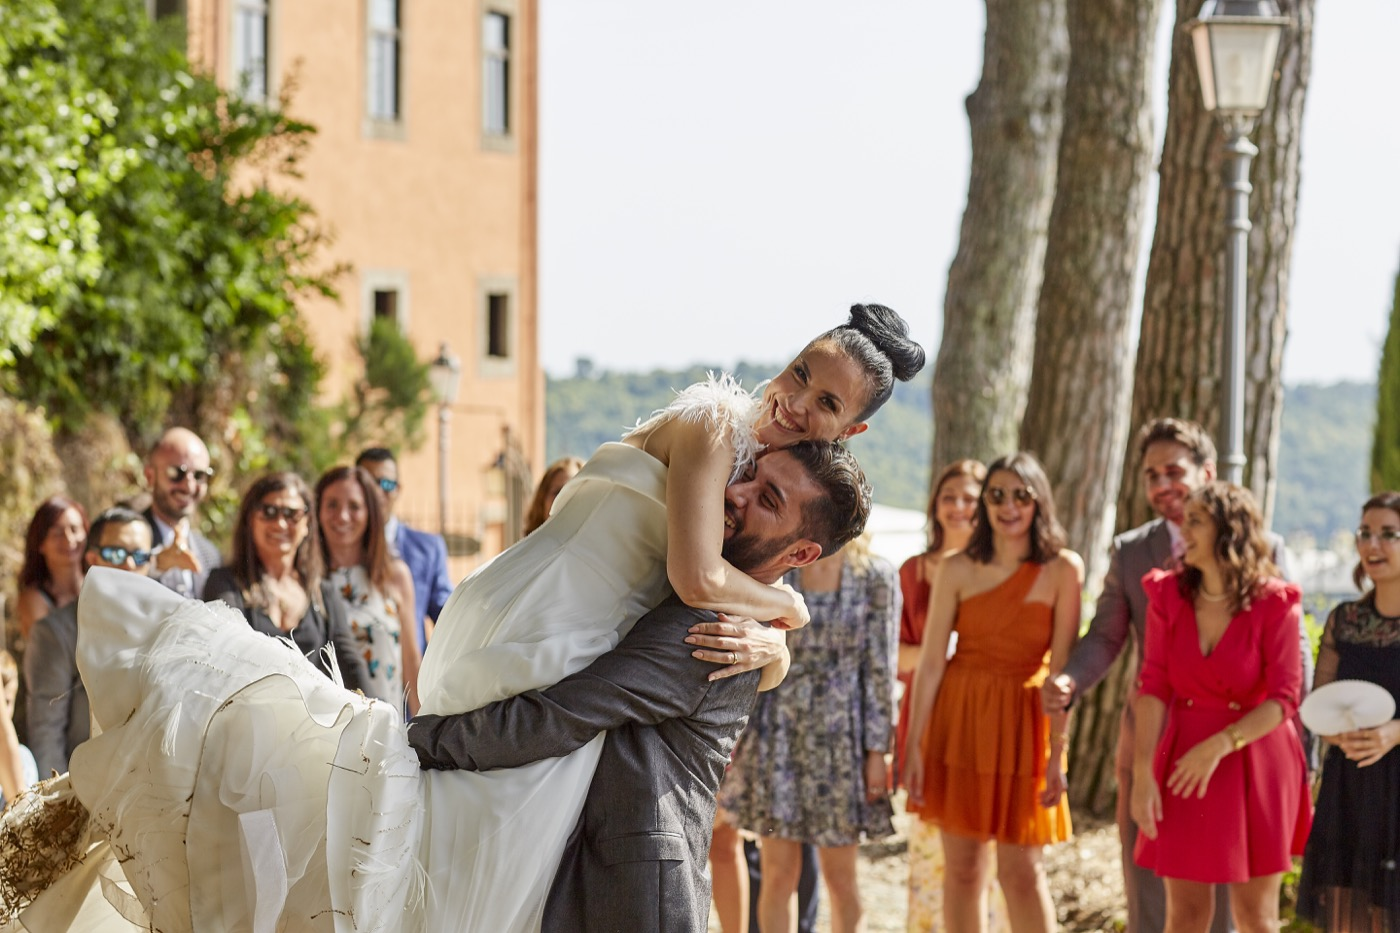 Claudio-Coppola-wedding-photographer-villa-del-cardinale-rocca-di-papa-castel-gandolfo-63